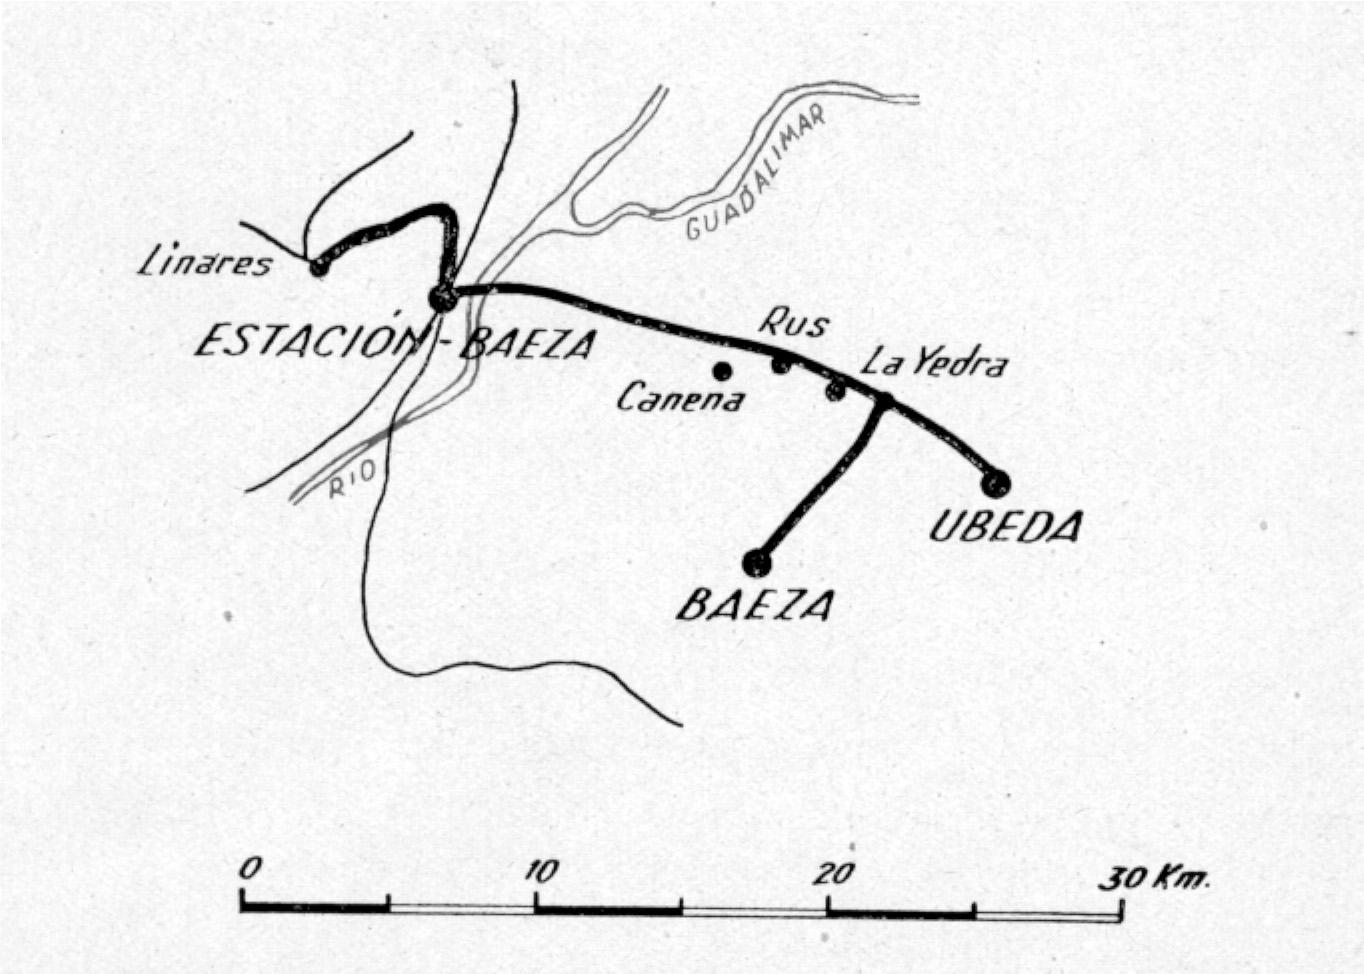 Plano de la linea, tomado del informe de 1941, de EFE